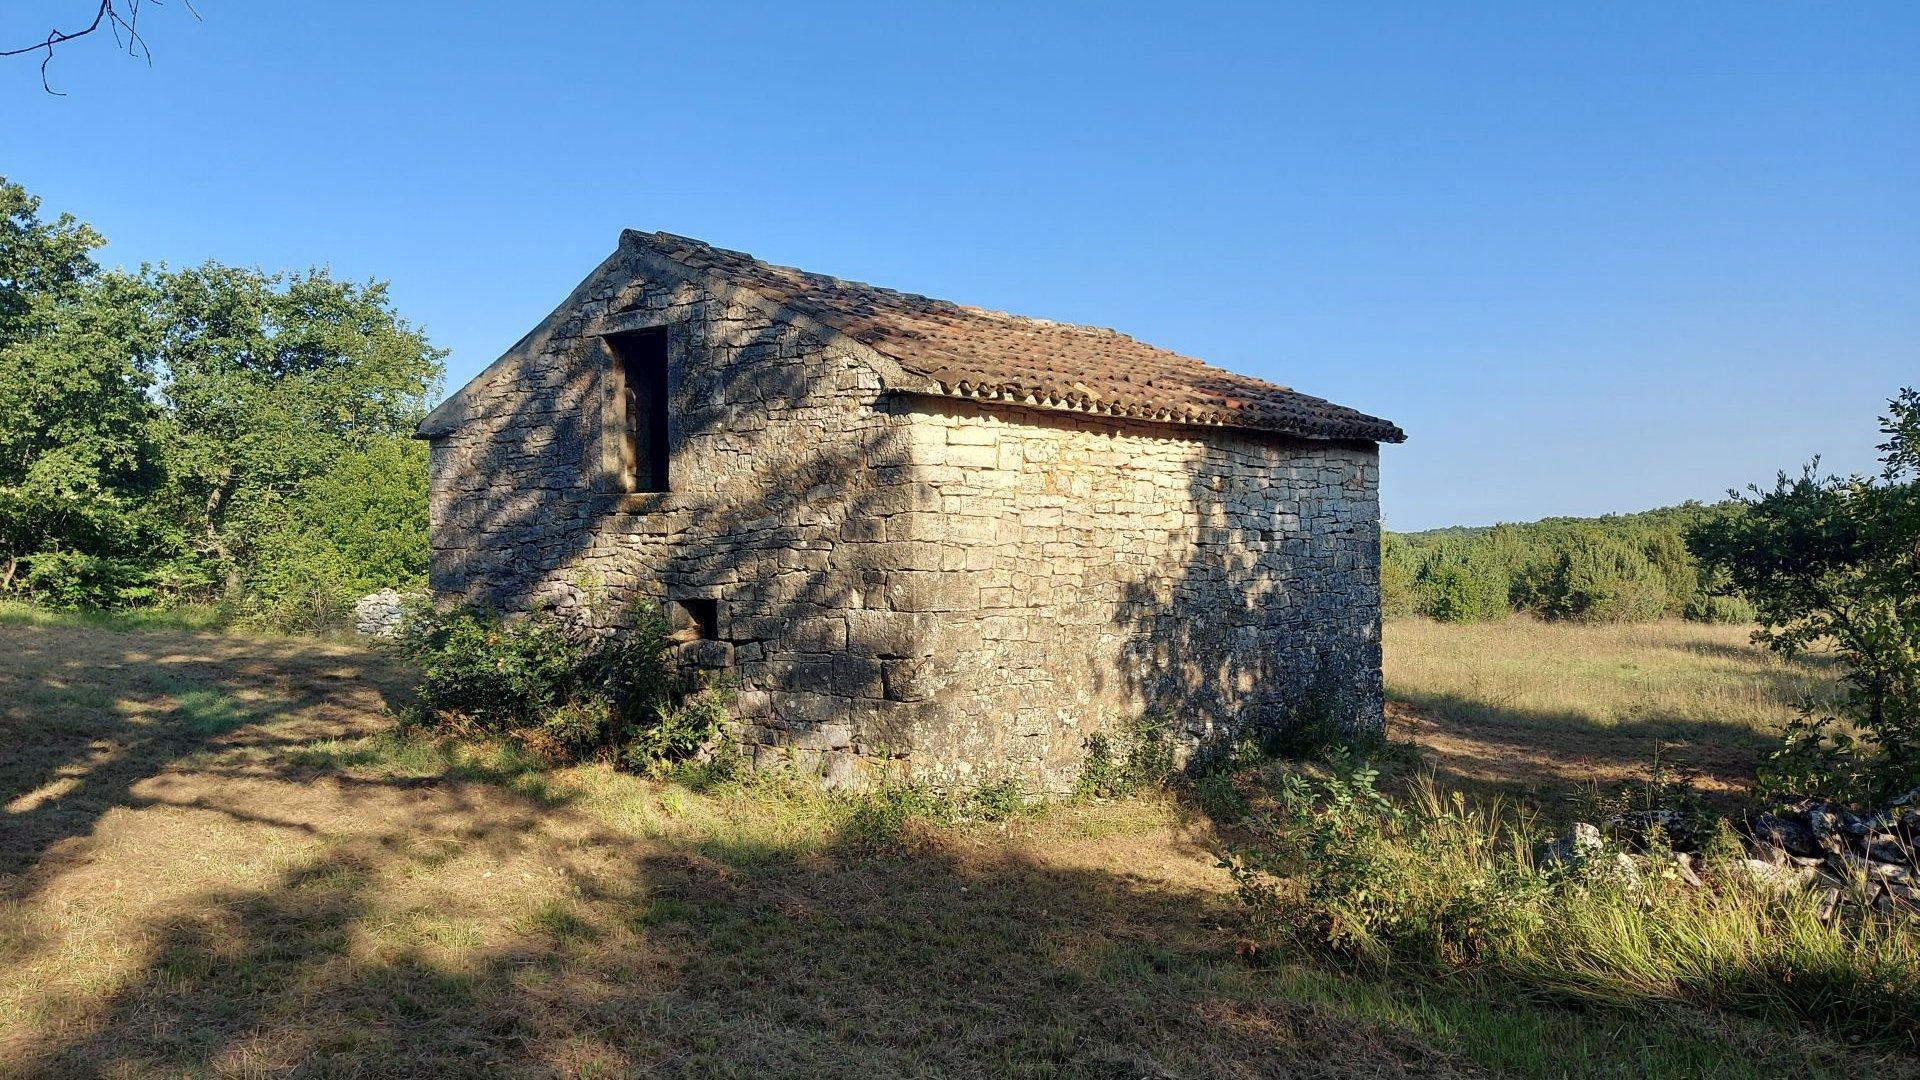 Grande opportunità, vendiamo l'intera collina con vista sul mare e con una piccola casa in pietra vicino a Rovigno